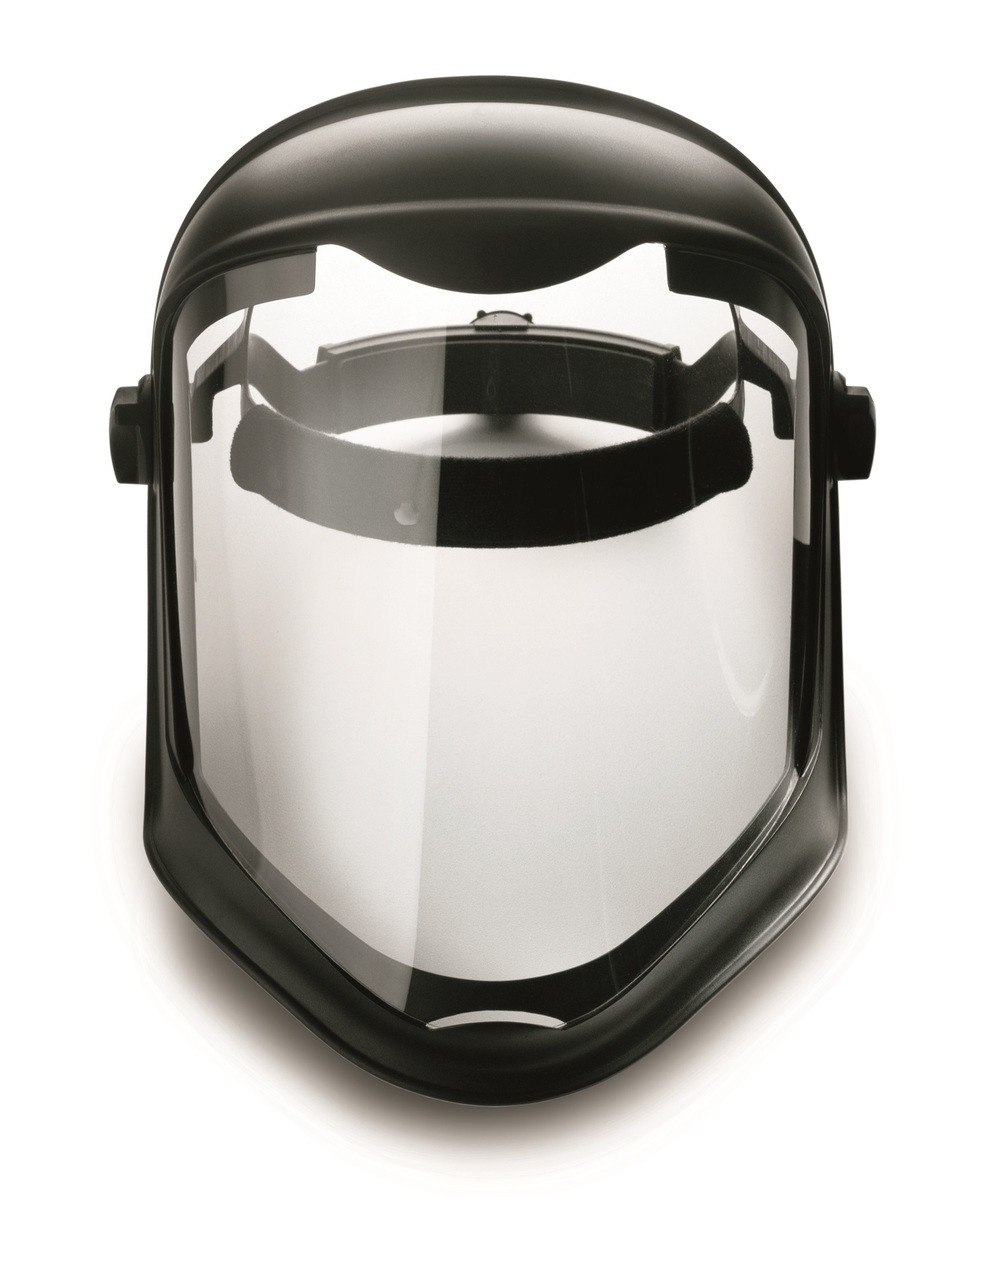 Bionic Face Shield PVC Face Screen+1.5mm Bionic Face Shield PC Material